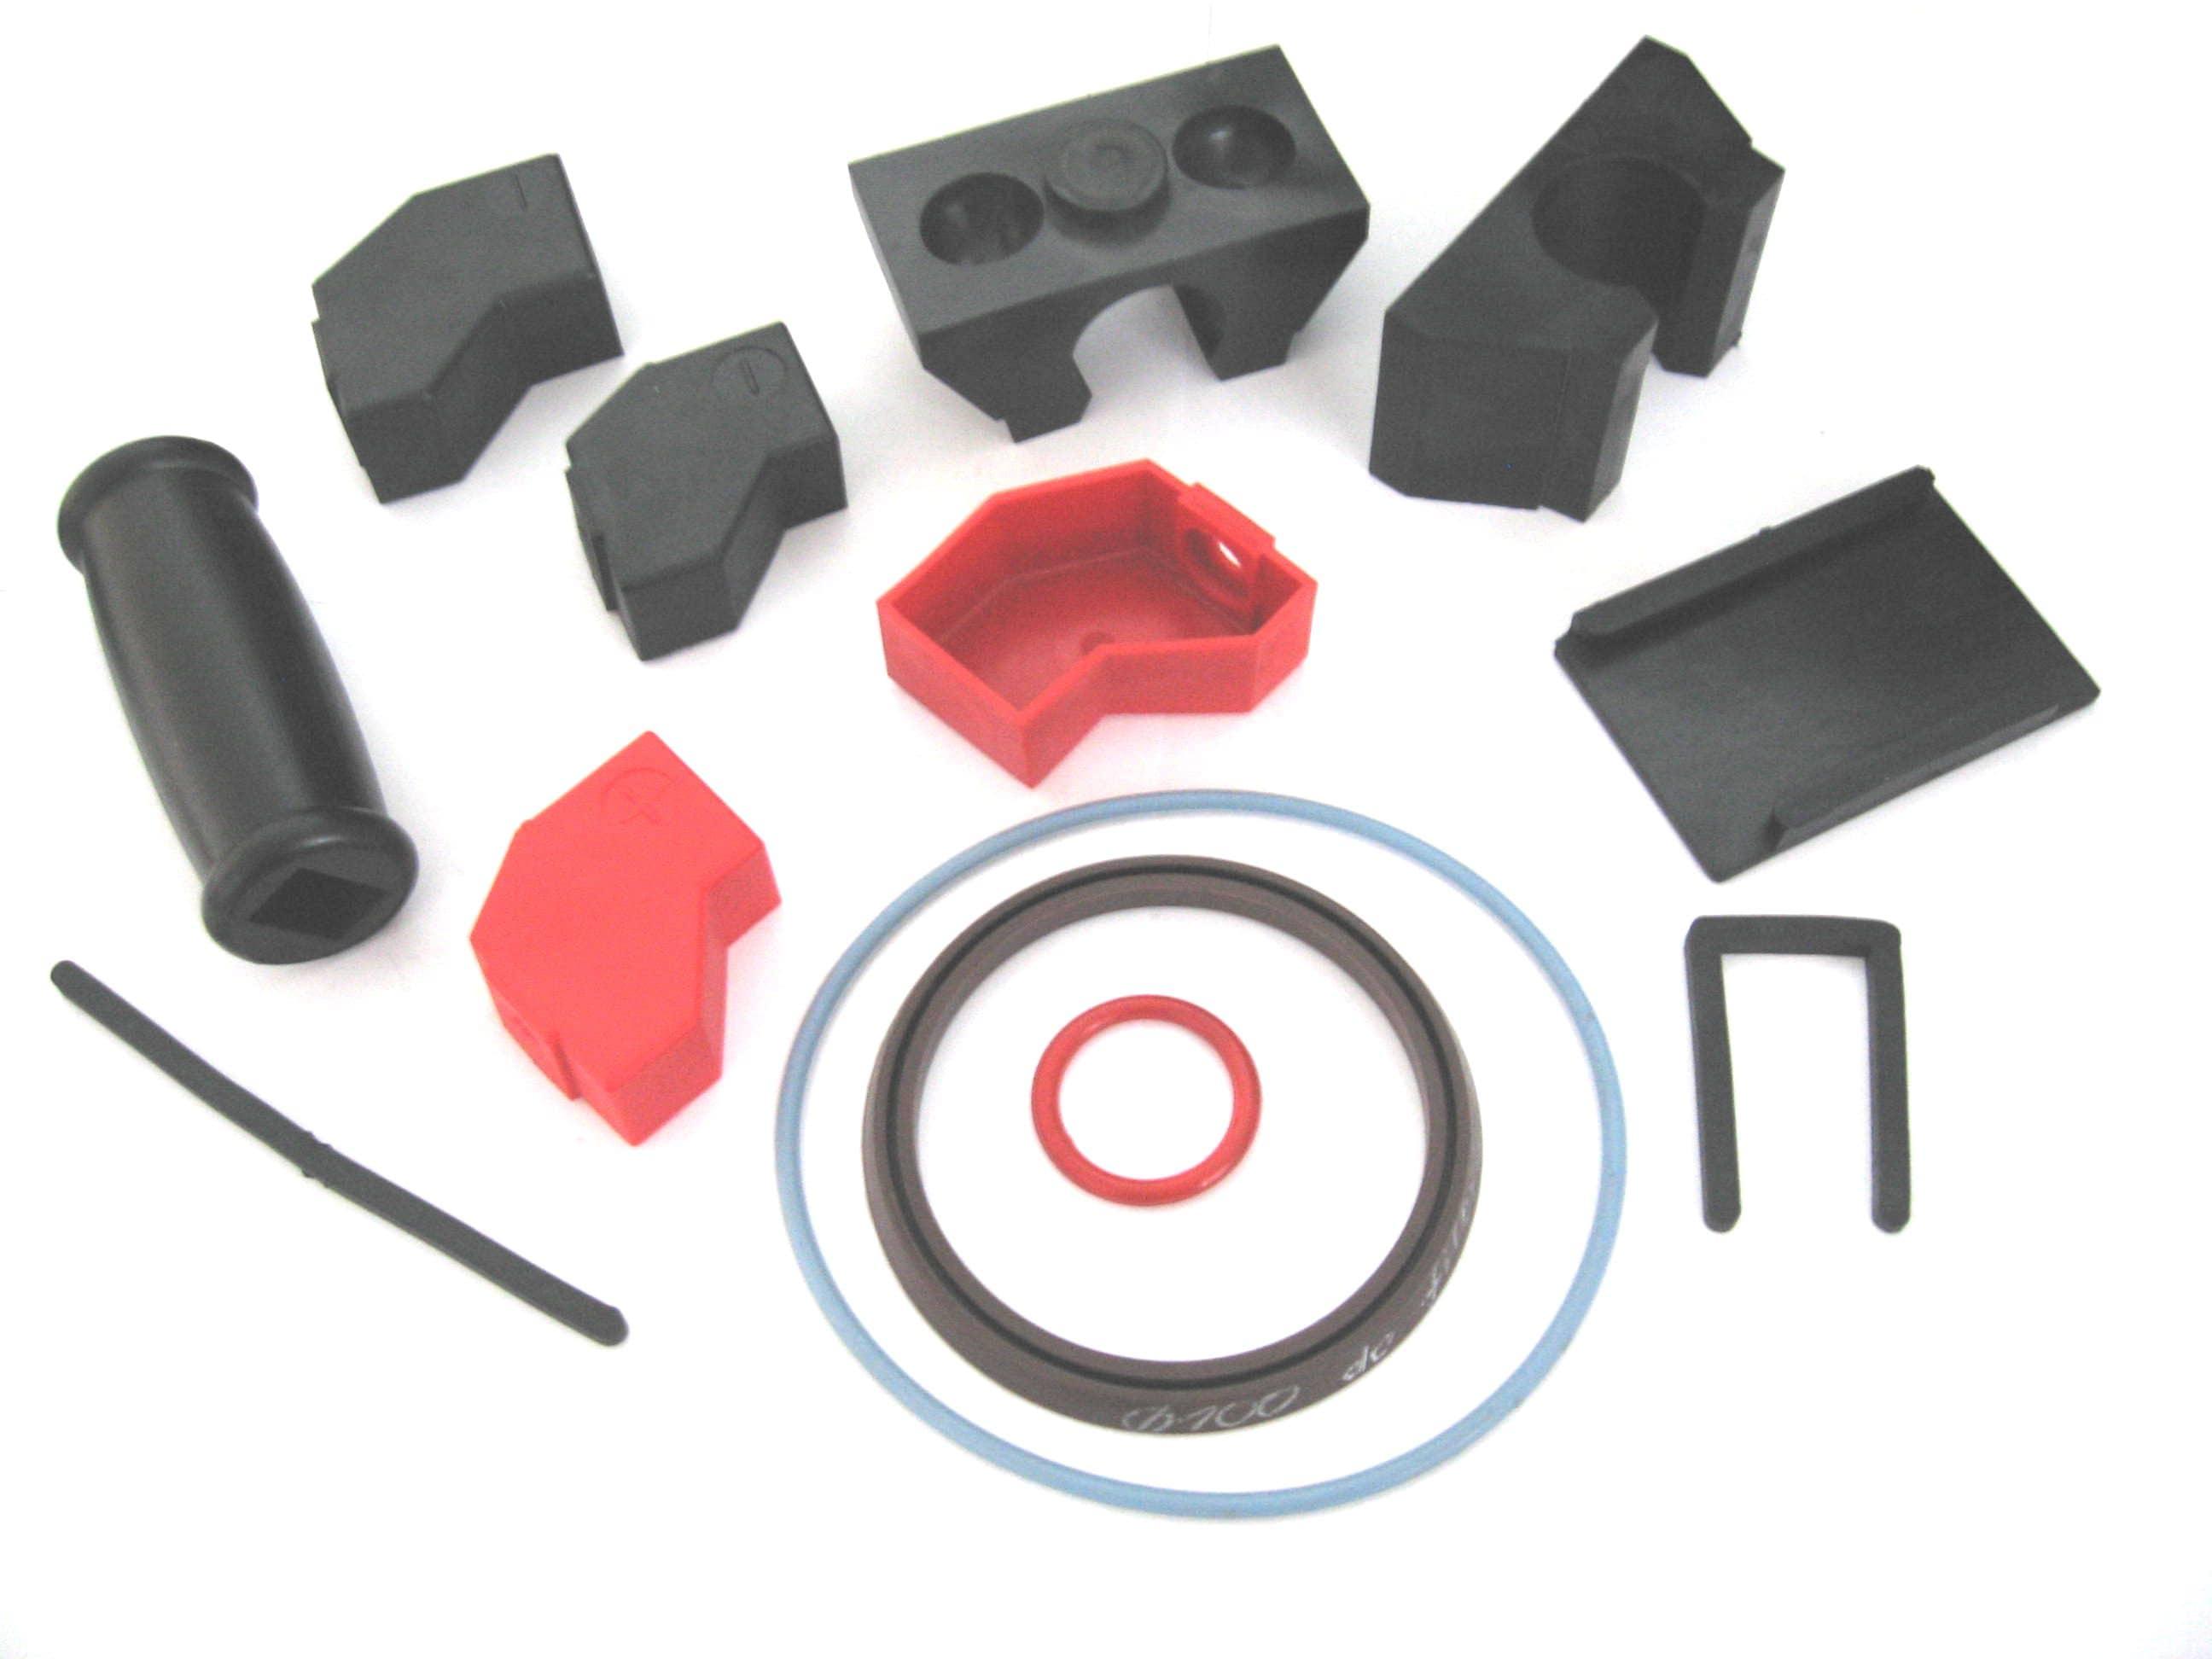 23. osłony klemy, rączka gumowa, oringi silikonowe, wkład uchwytu plandeki D35, nakładki i inne